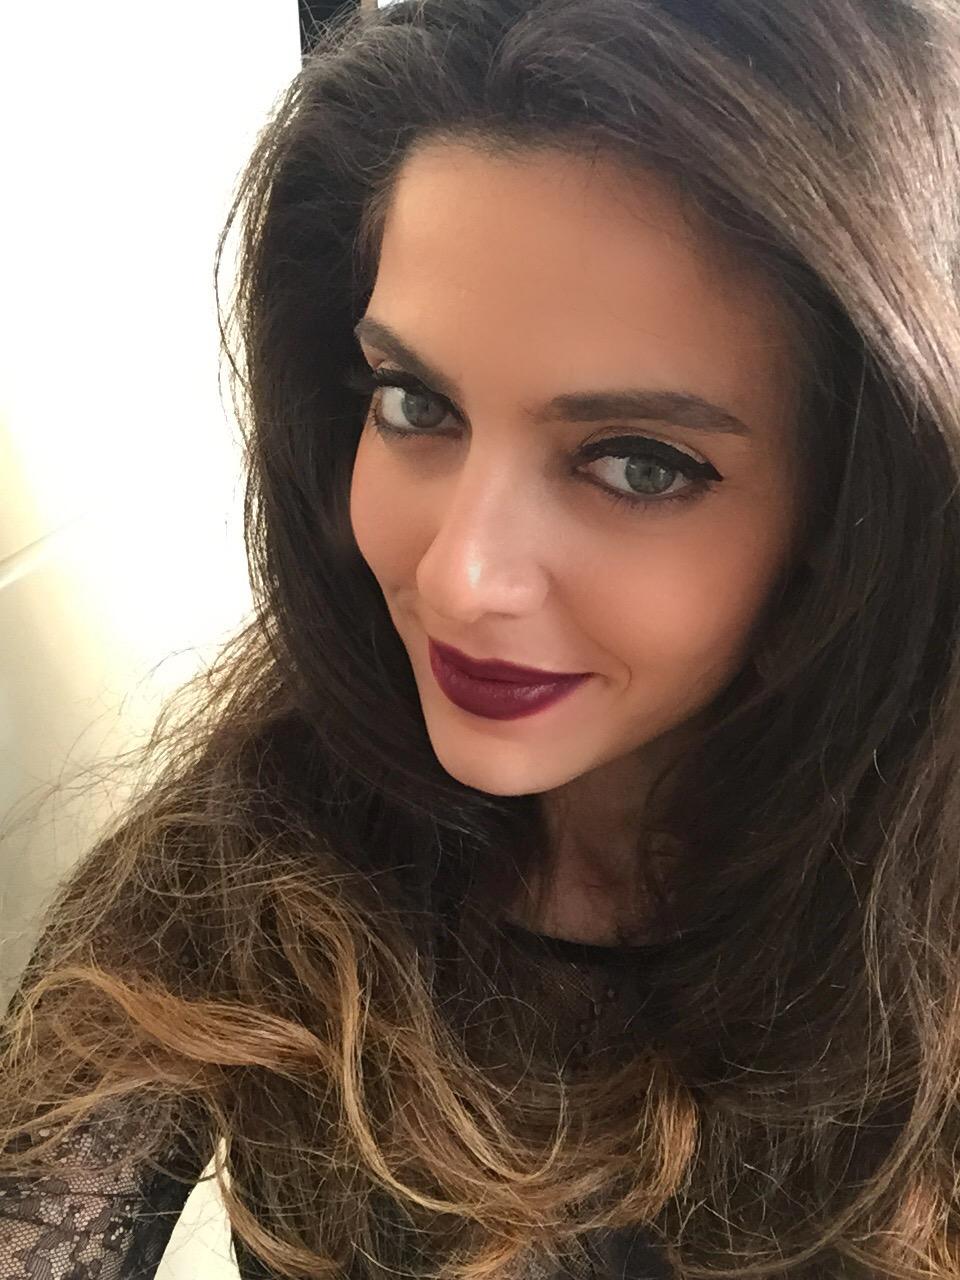 ivy says shiseido makeup look